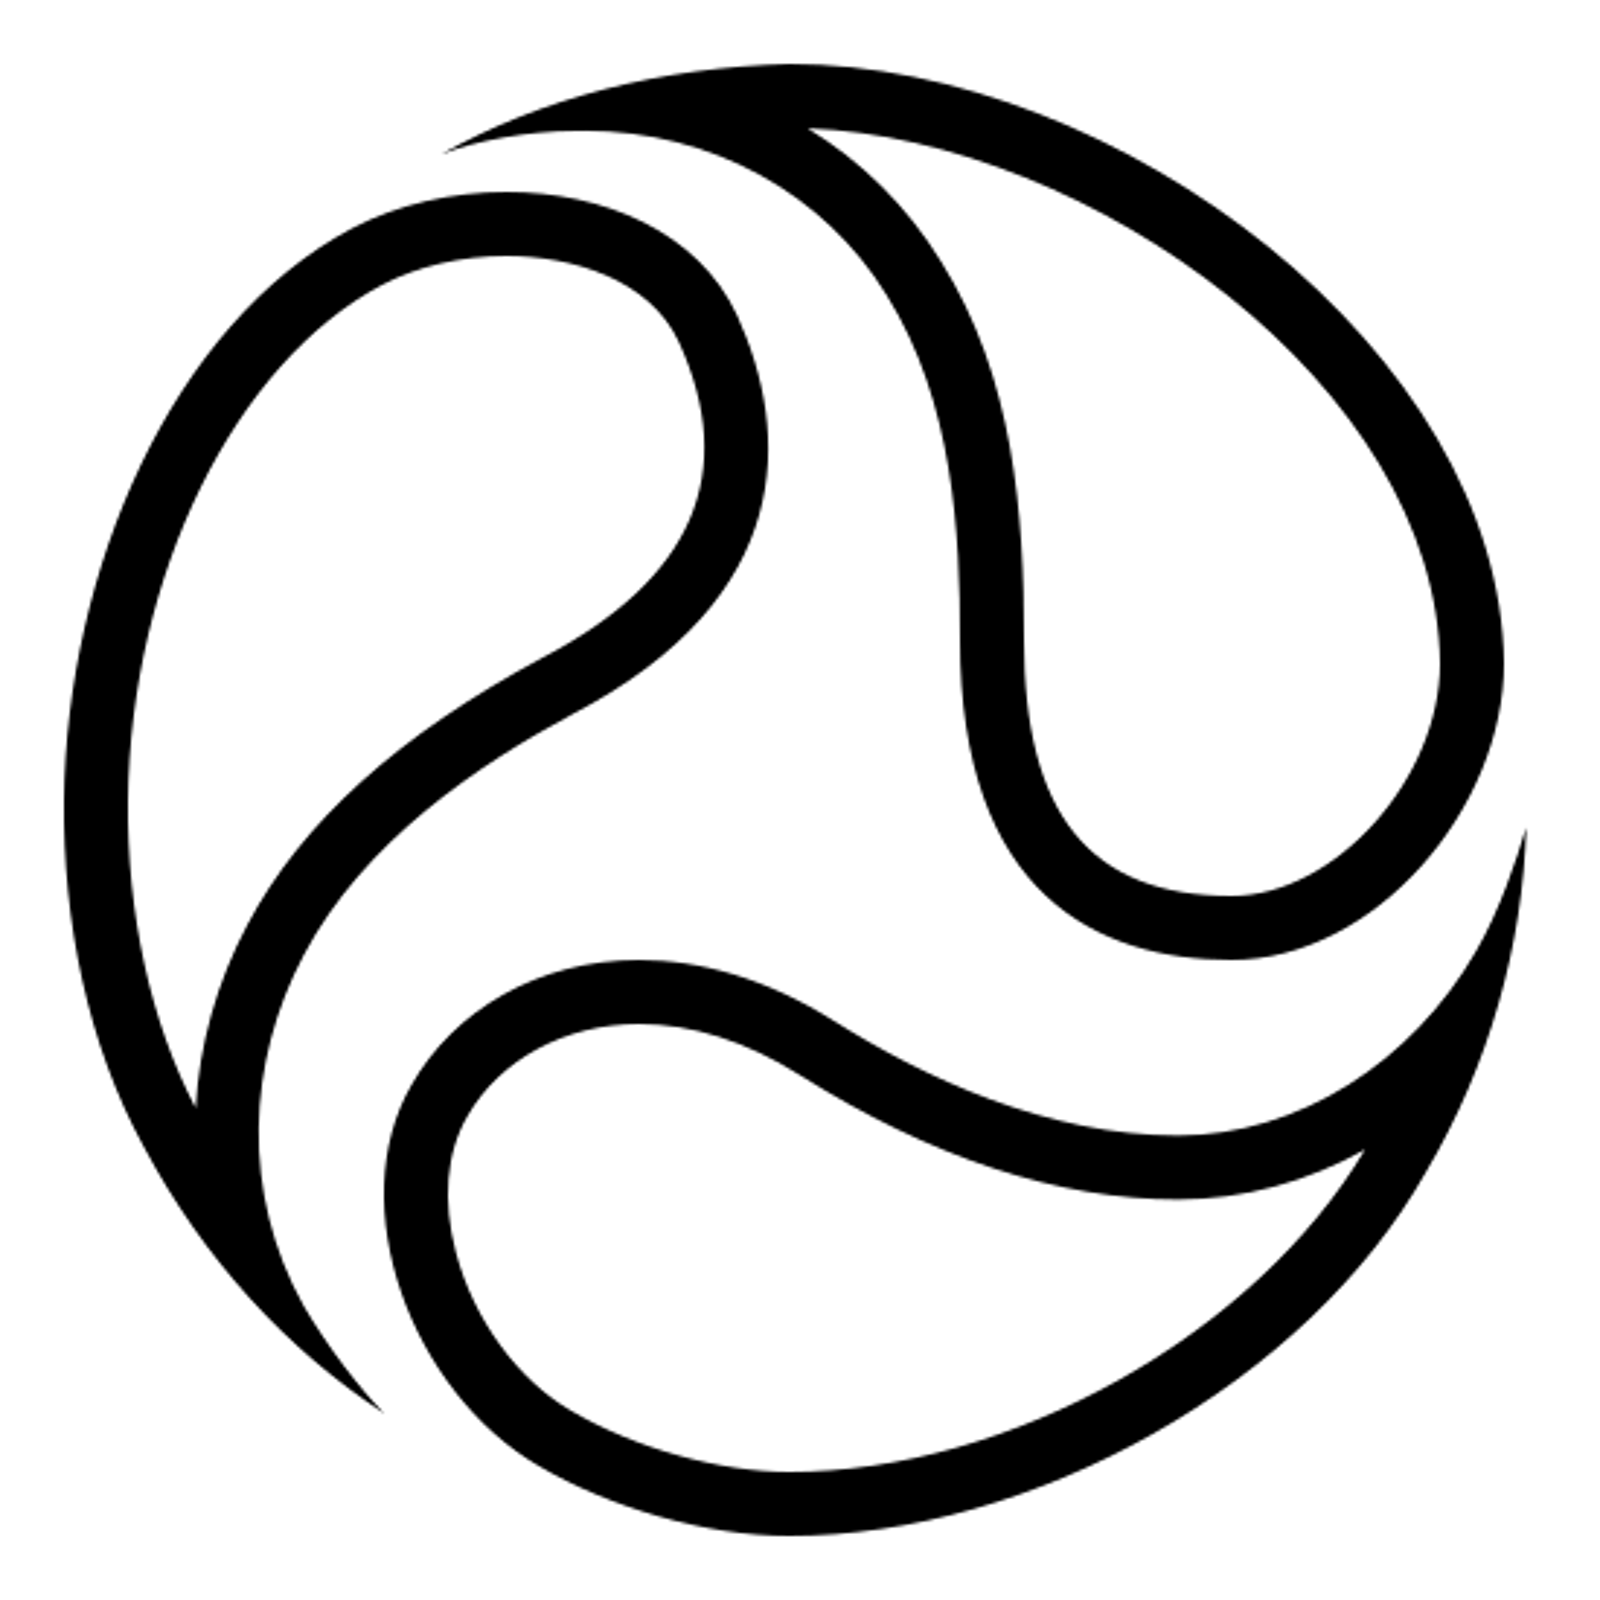 ドット icon